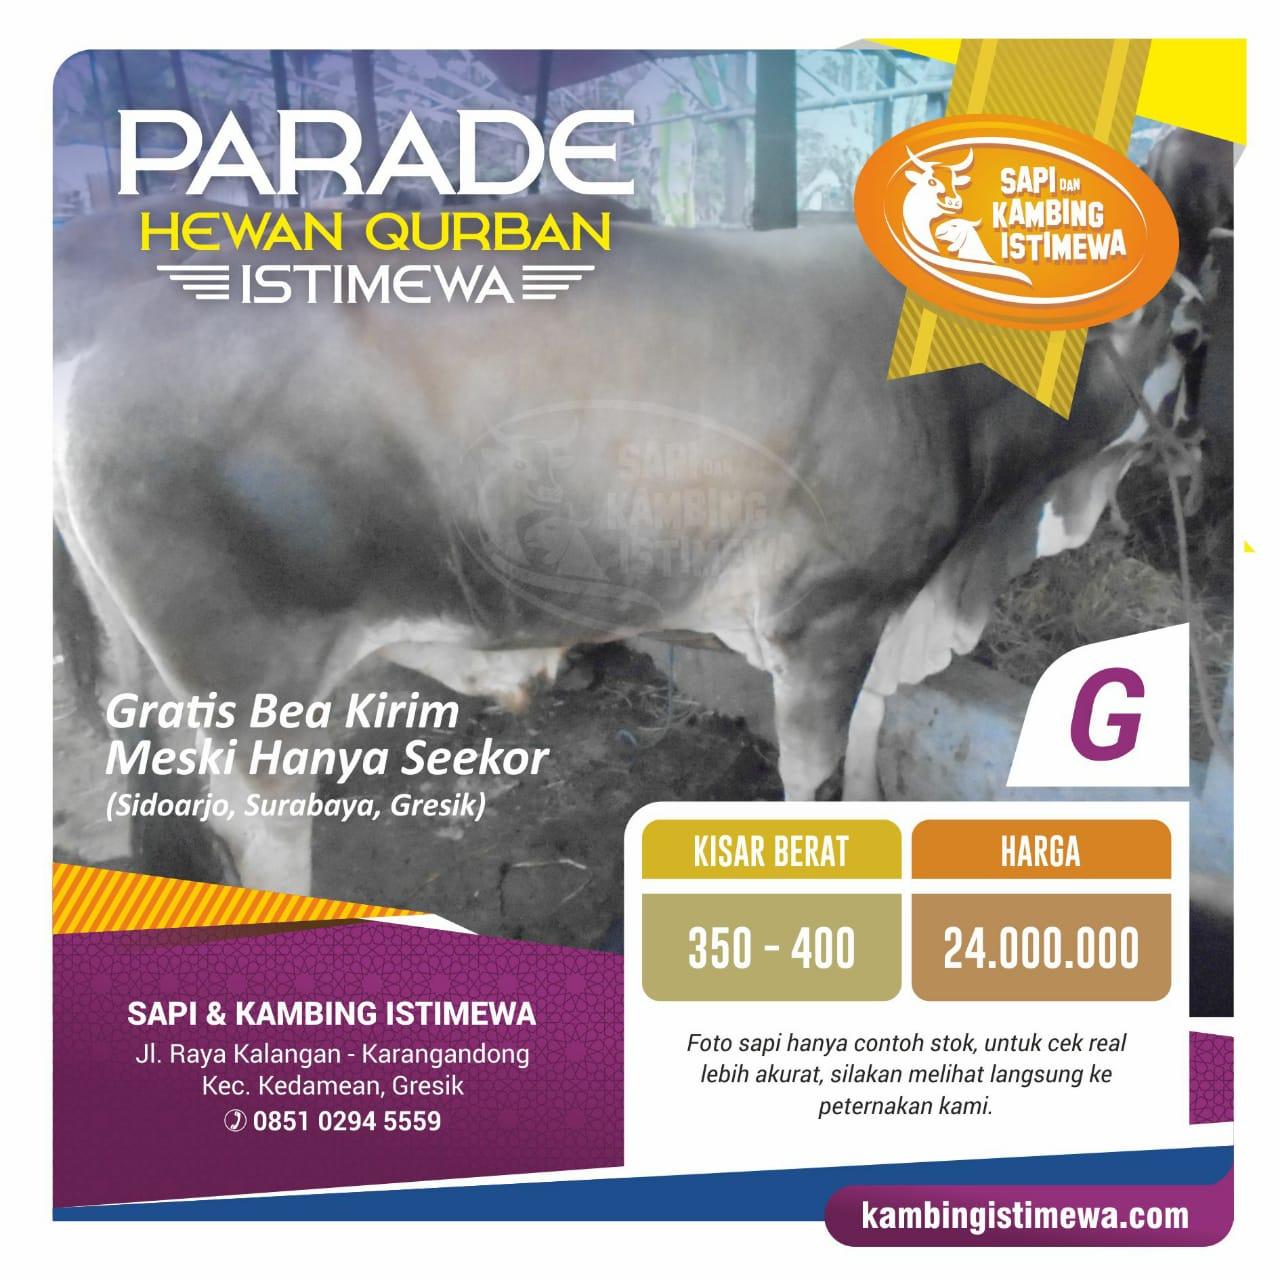 Sapi Qurban G Rp. 24 juta